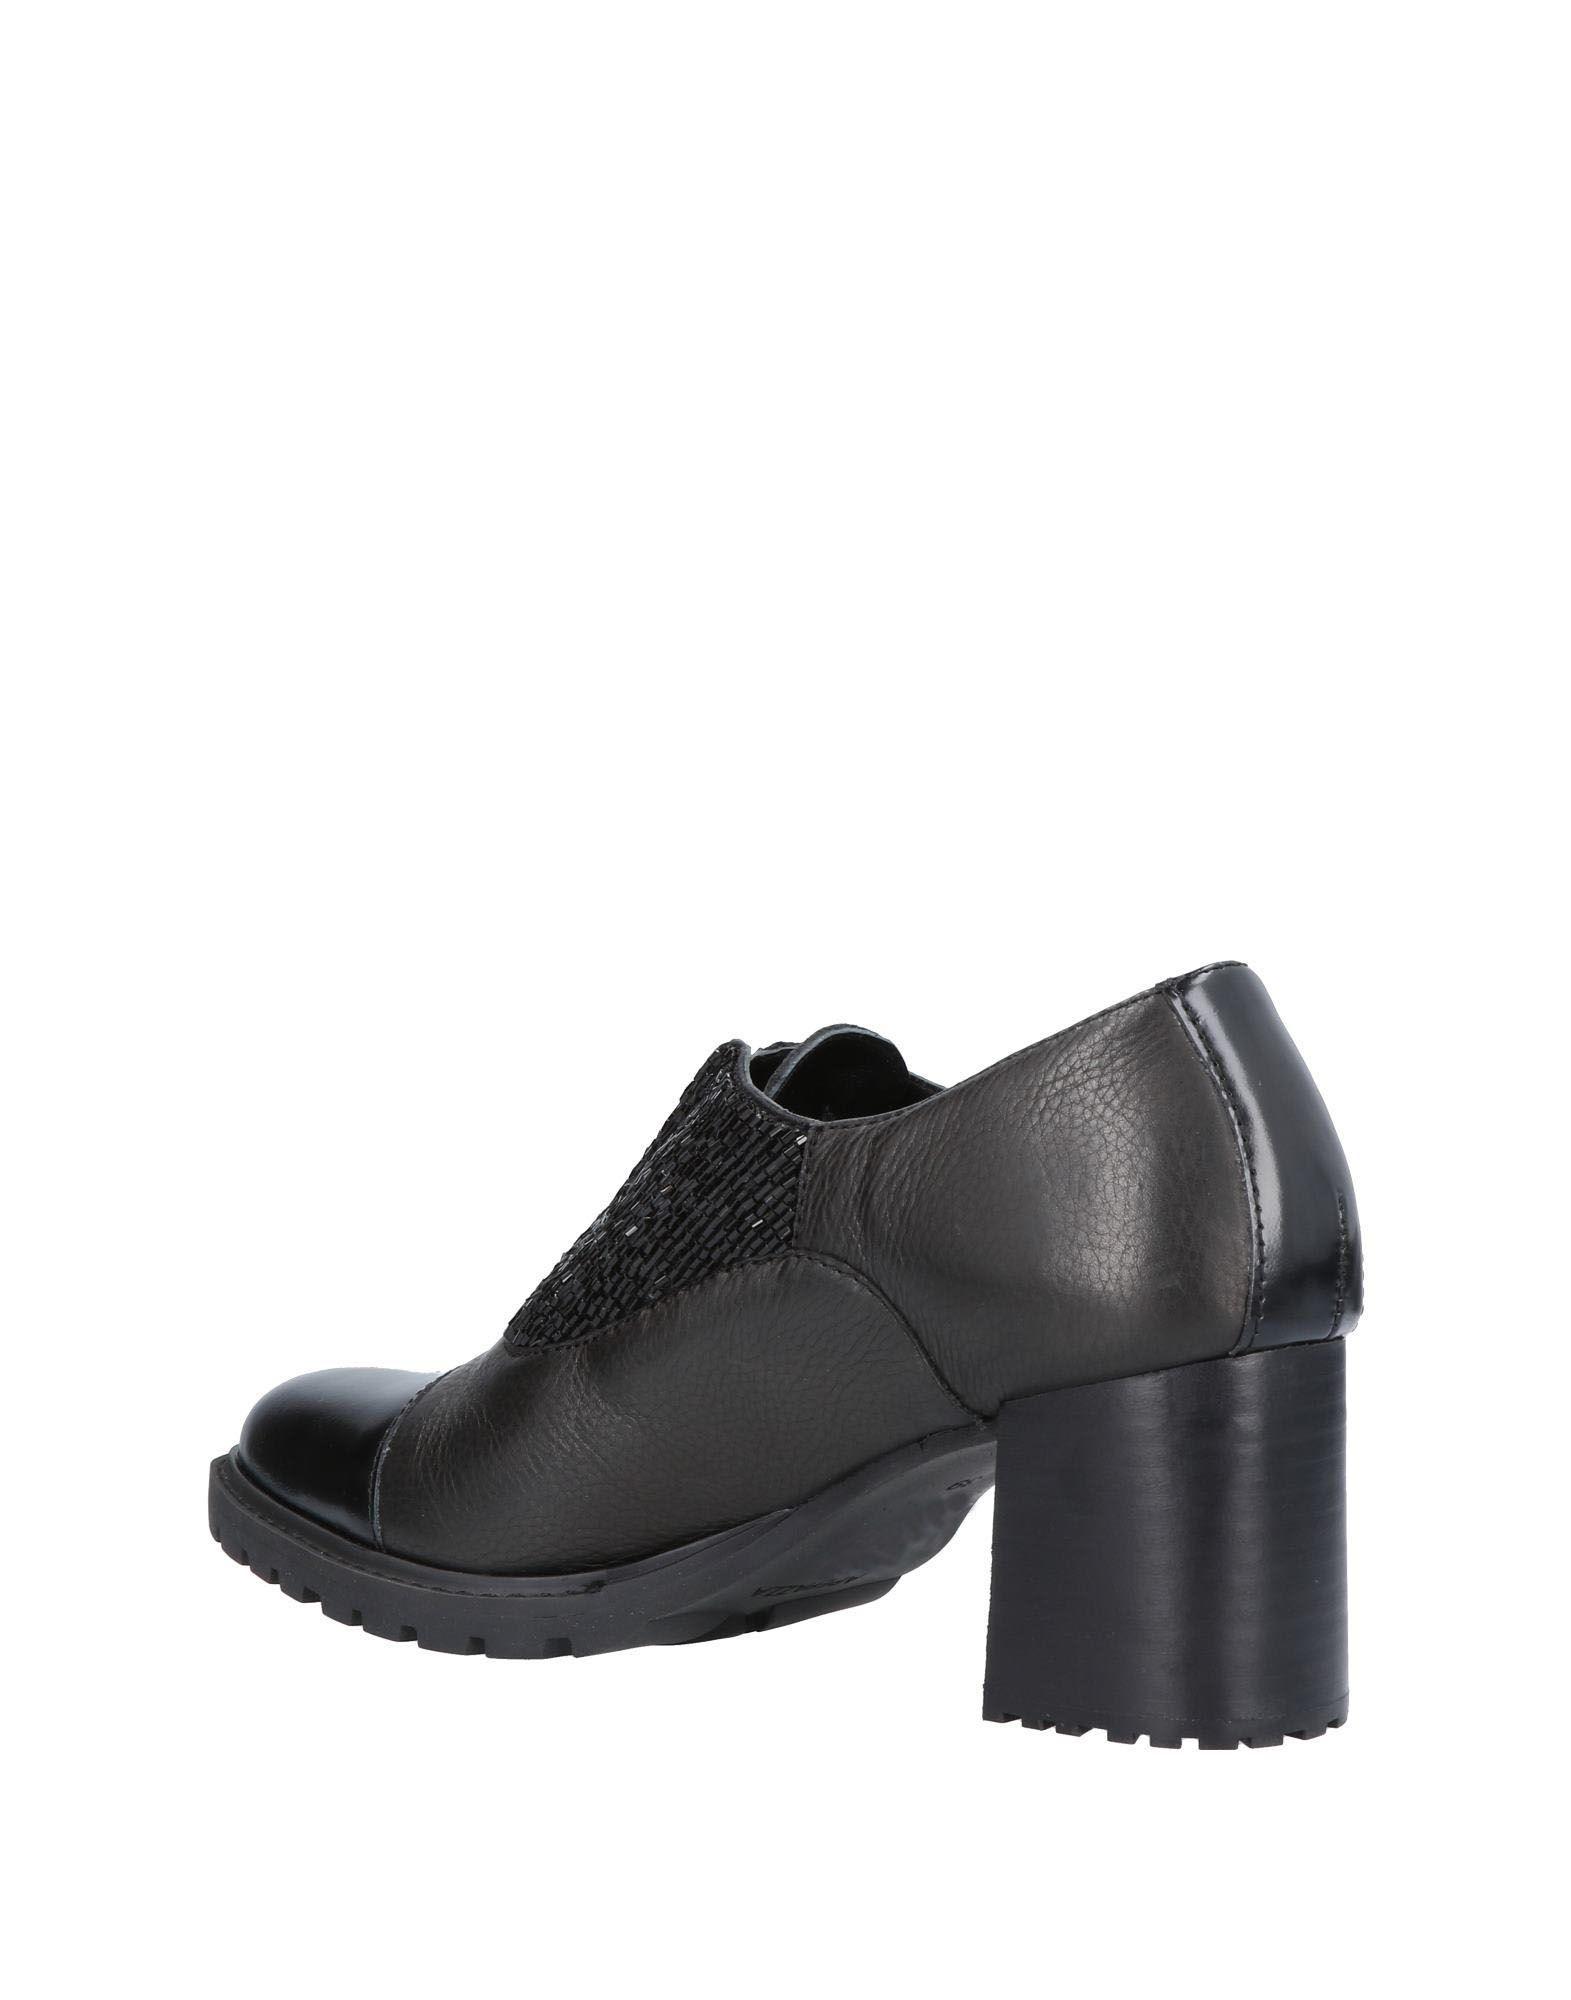 Apepazza Mokassins Damen  beliebte 11467280IQ Gute Qualität beliebte  Schuhe 0e8419